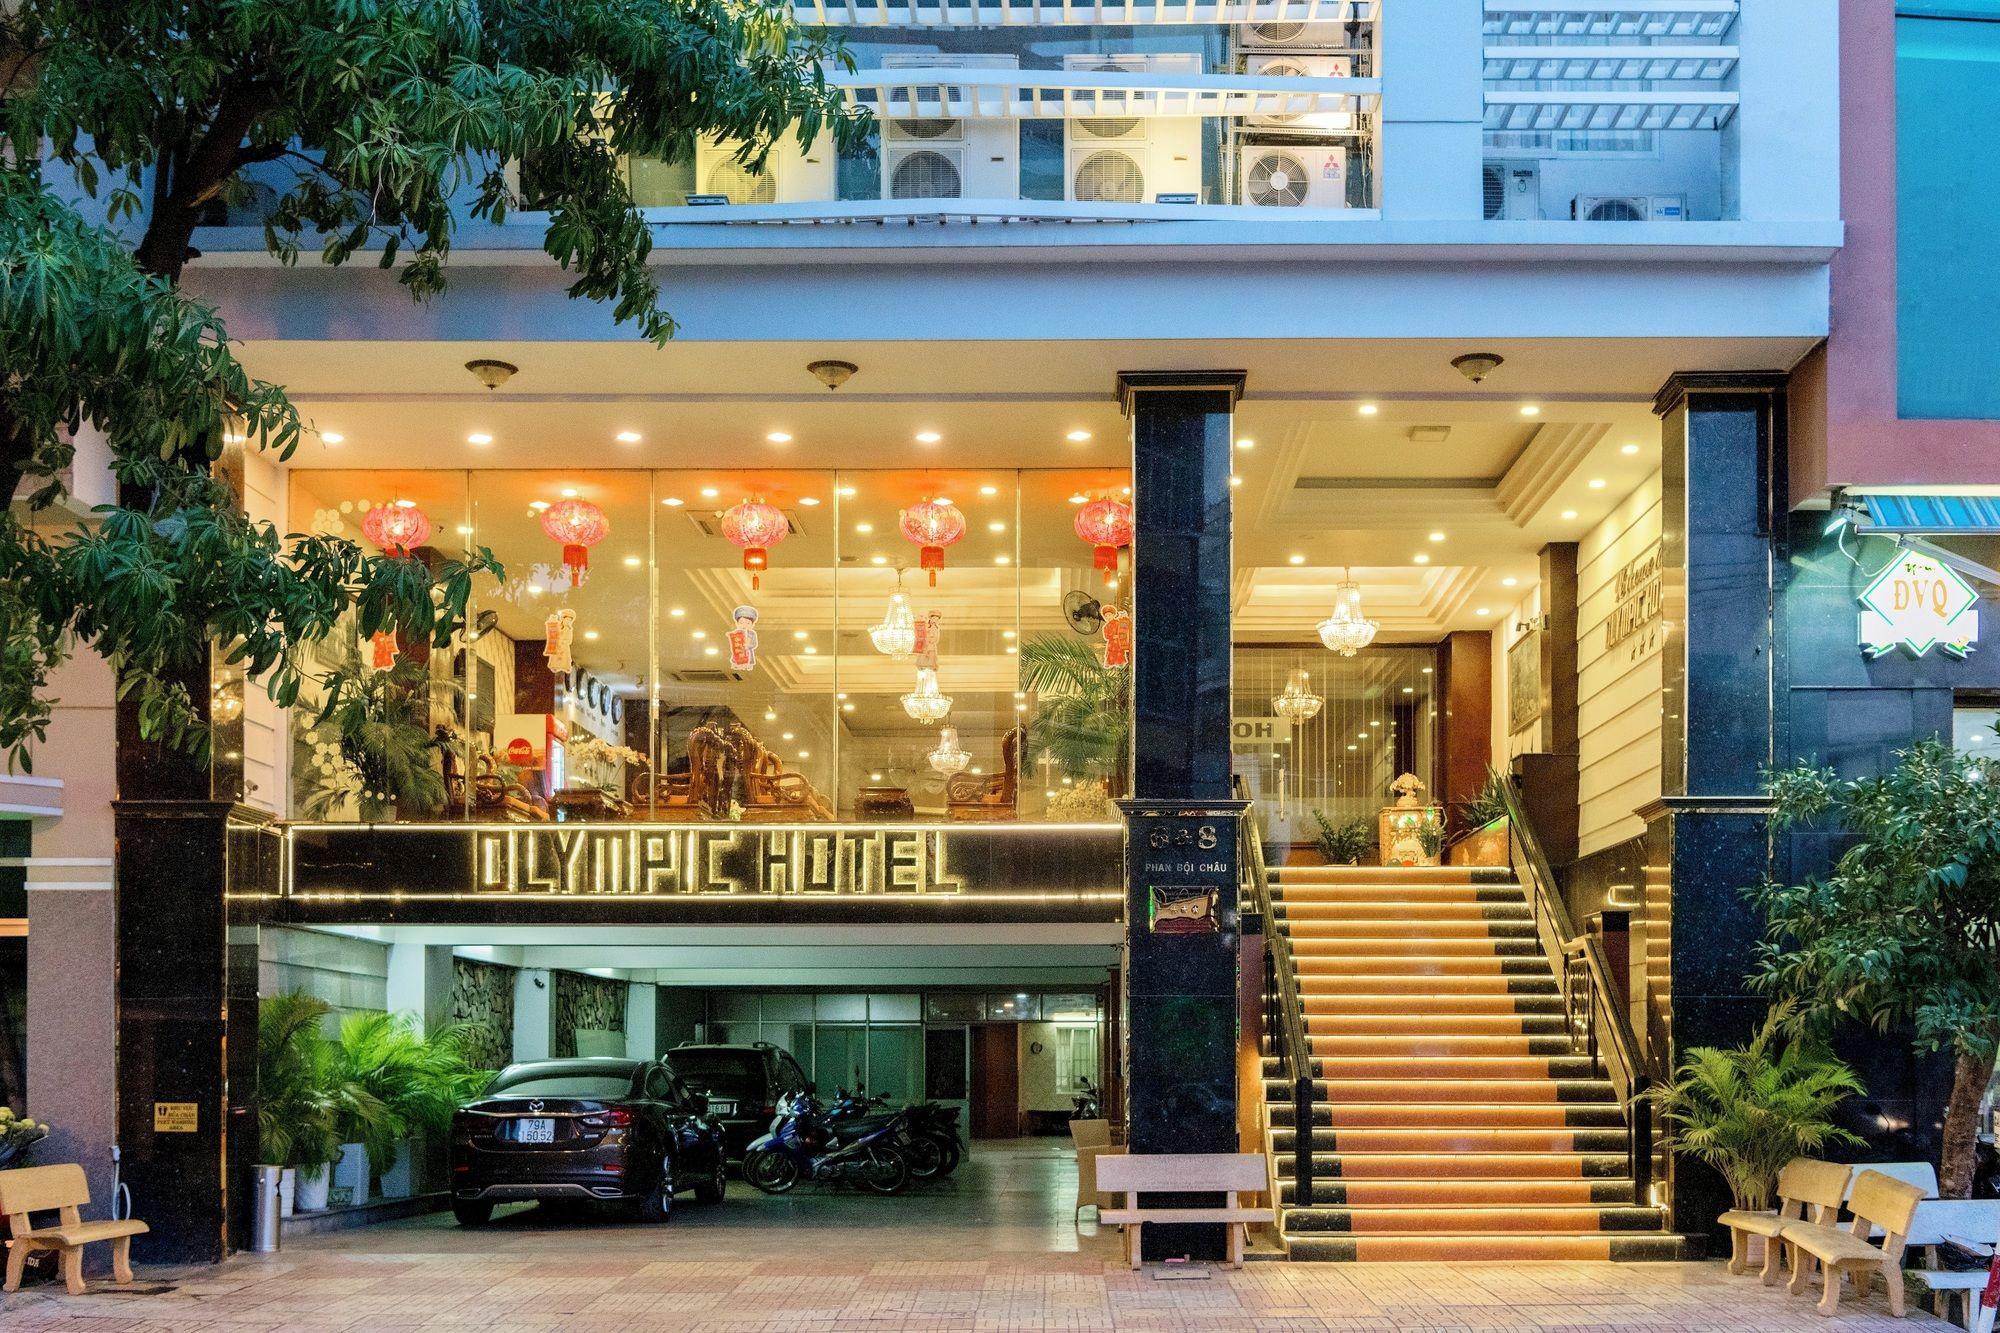 Фото отеля «Олипмик»